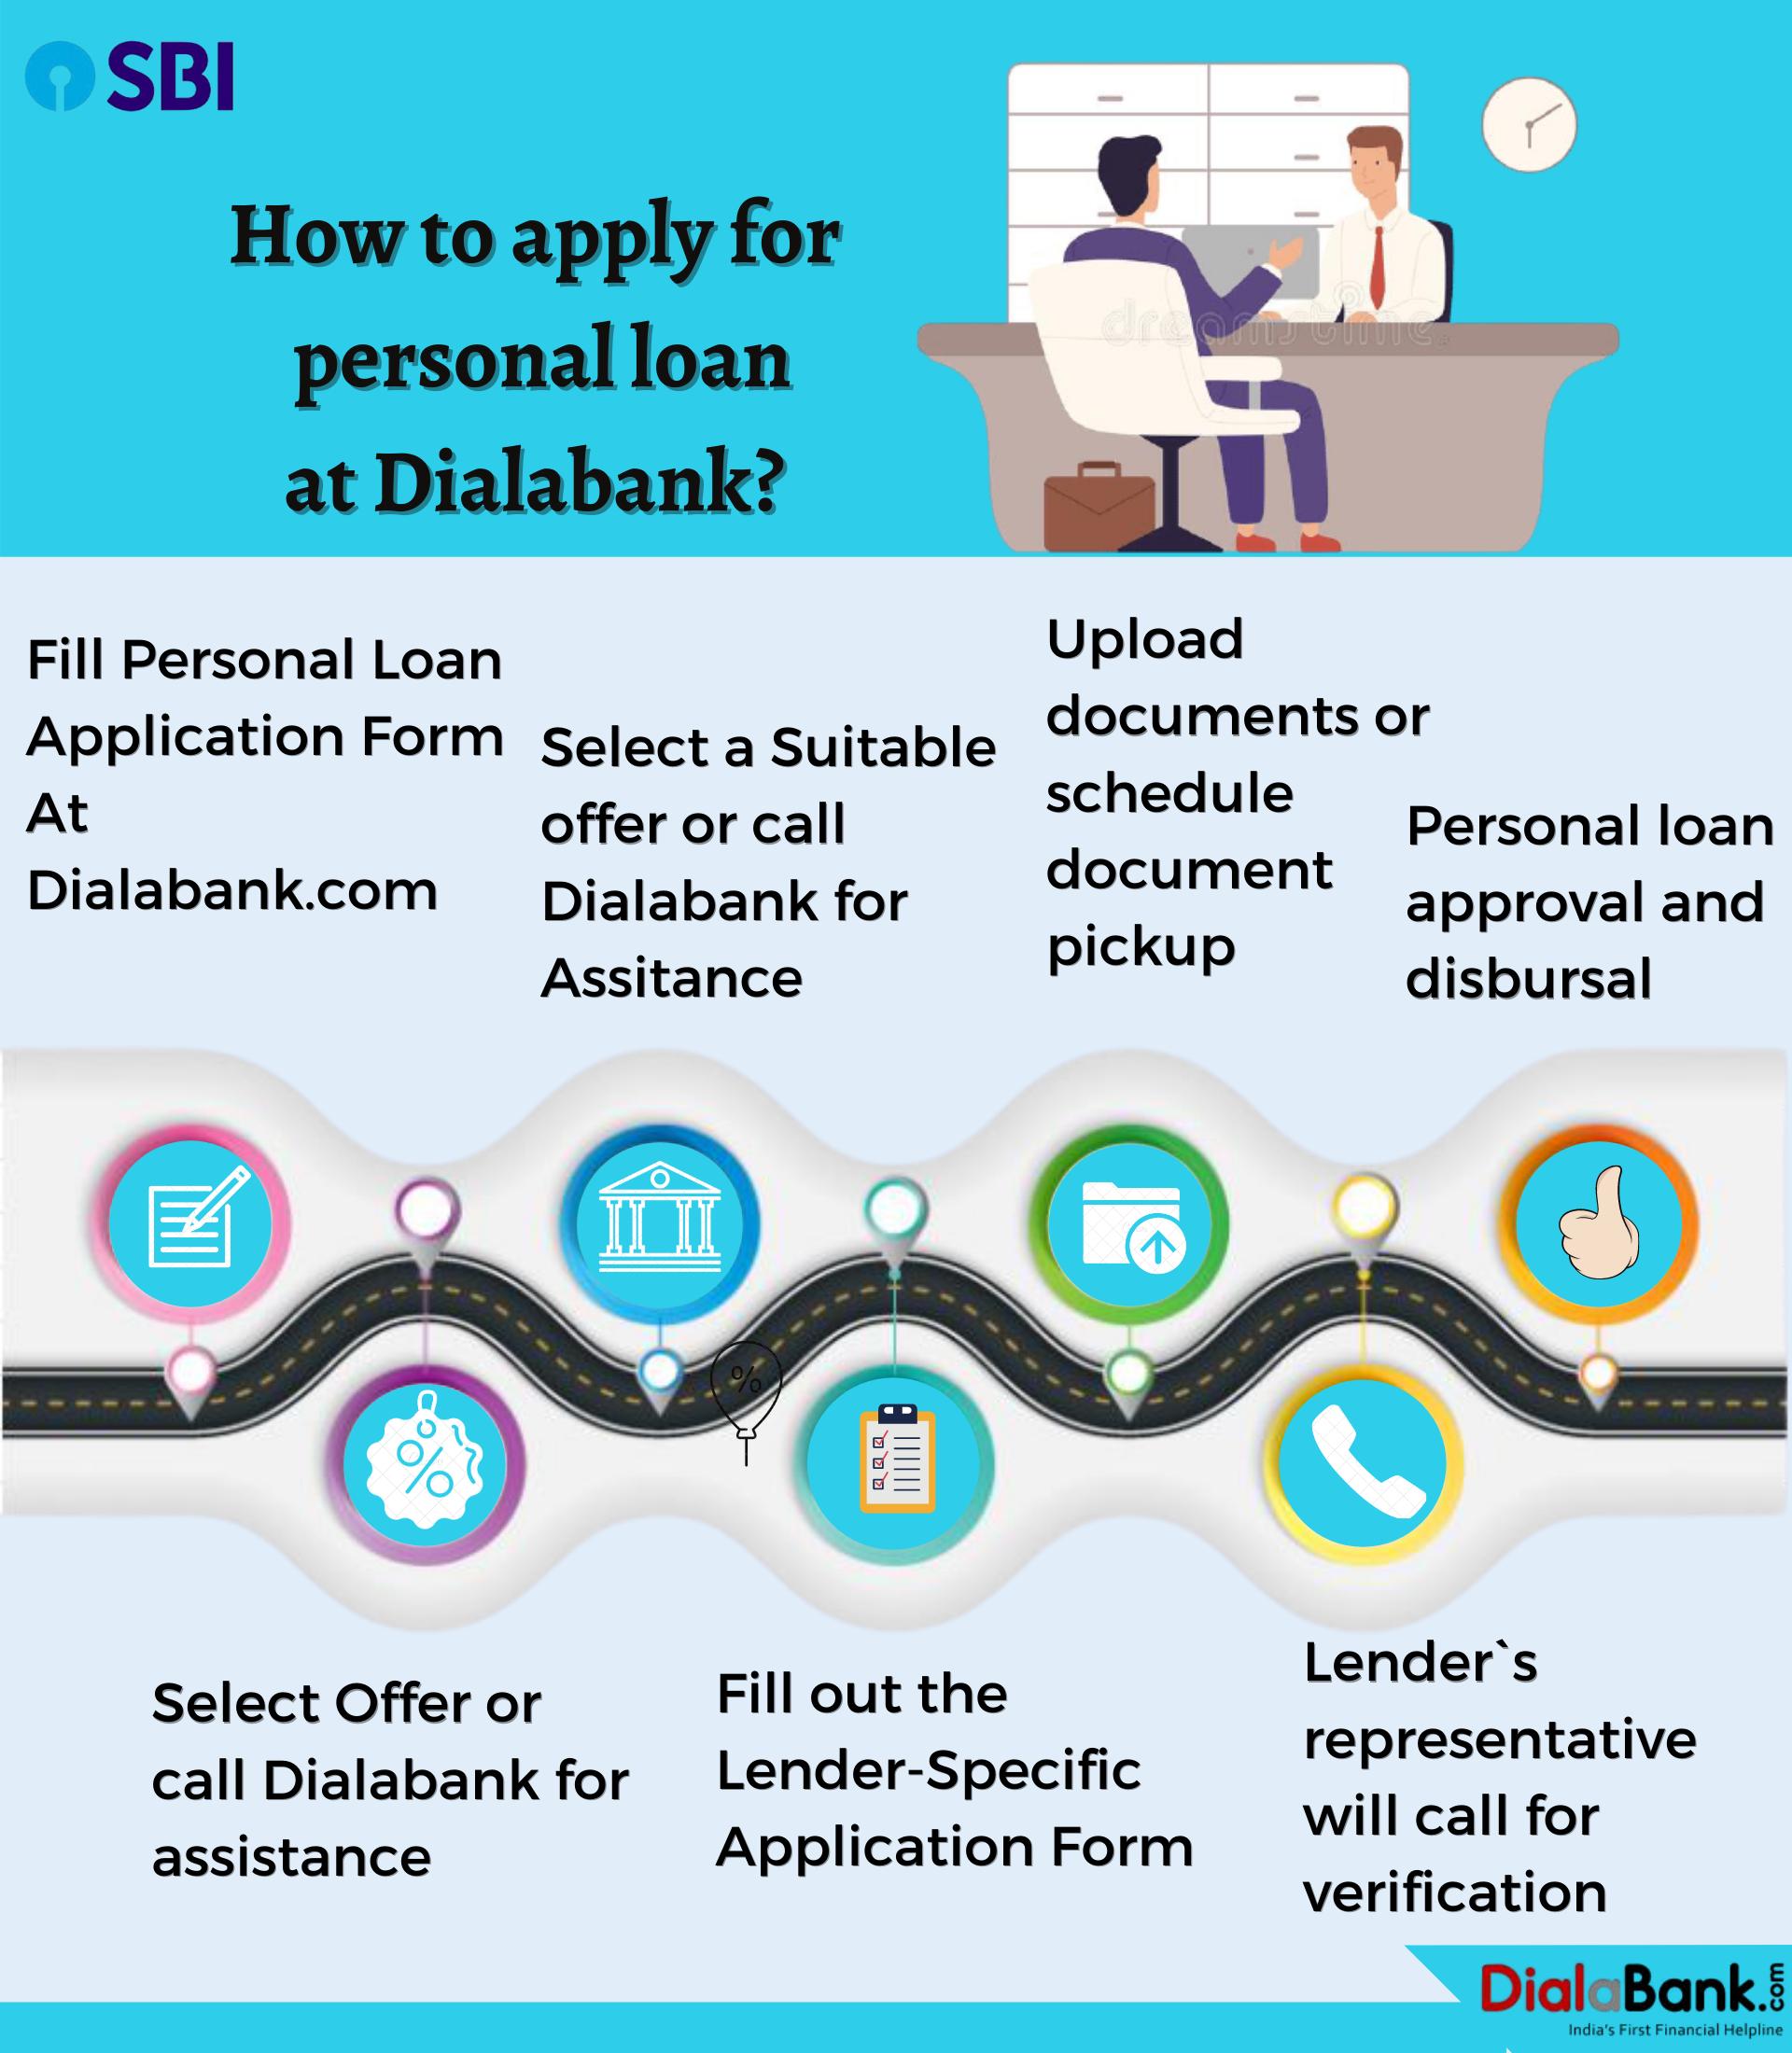 SBI Personal Loan